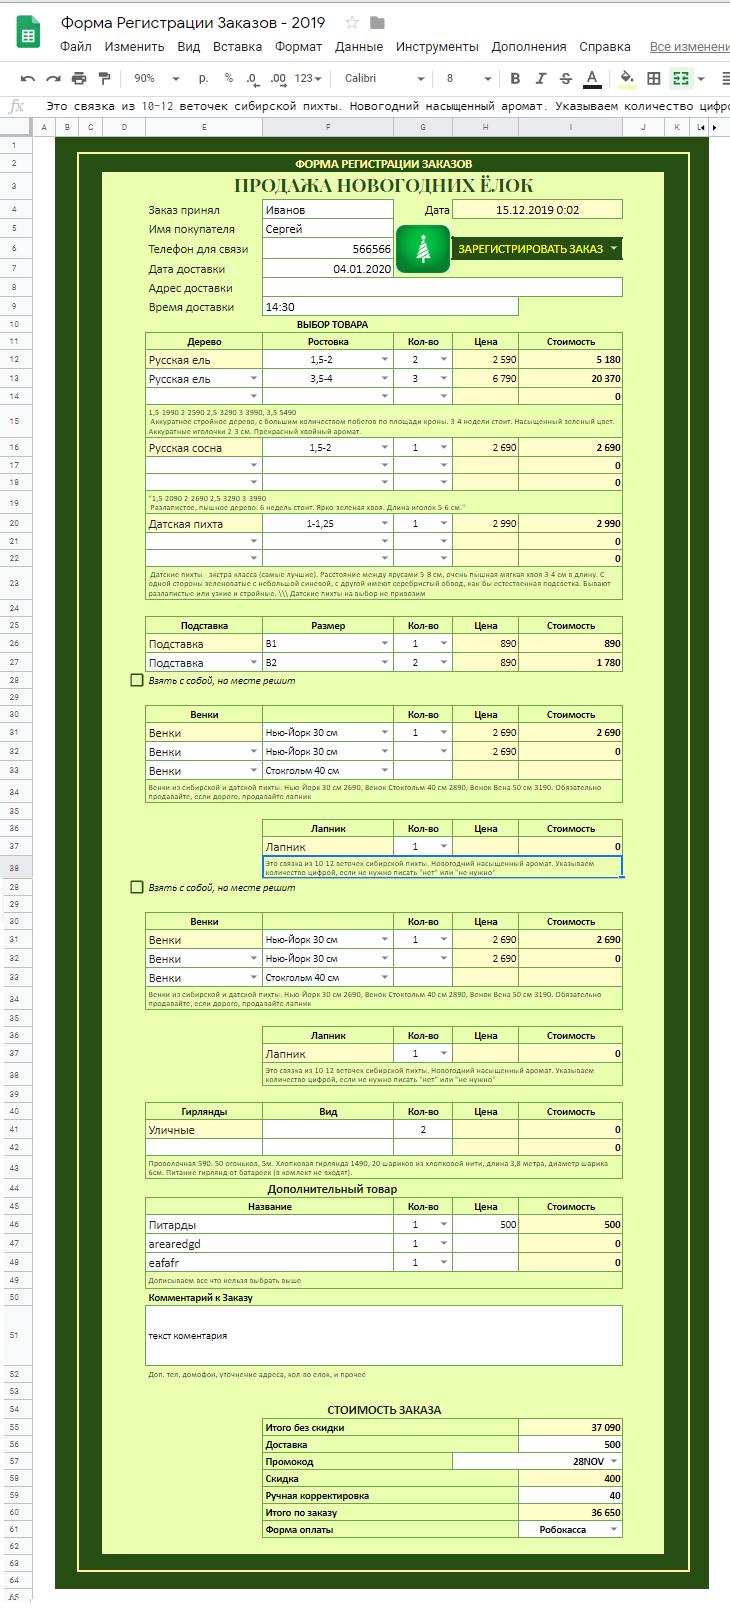 Форма онлайн Регистрации заказов